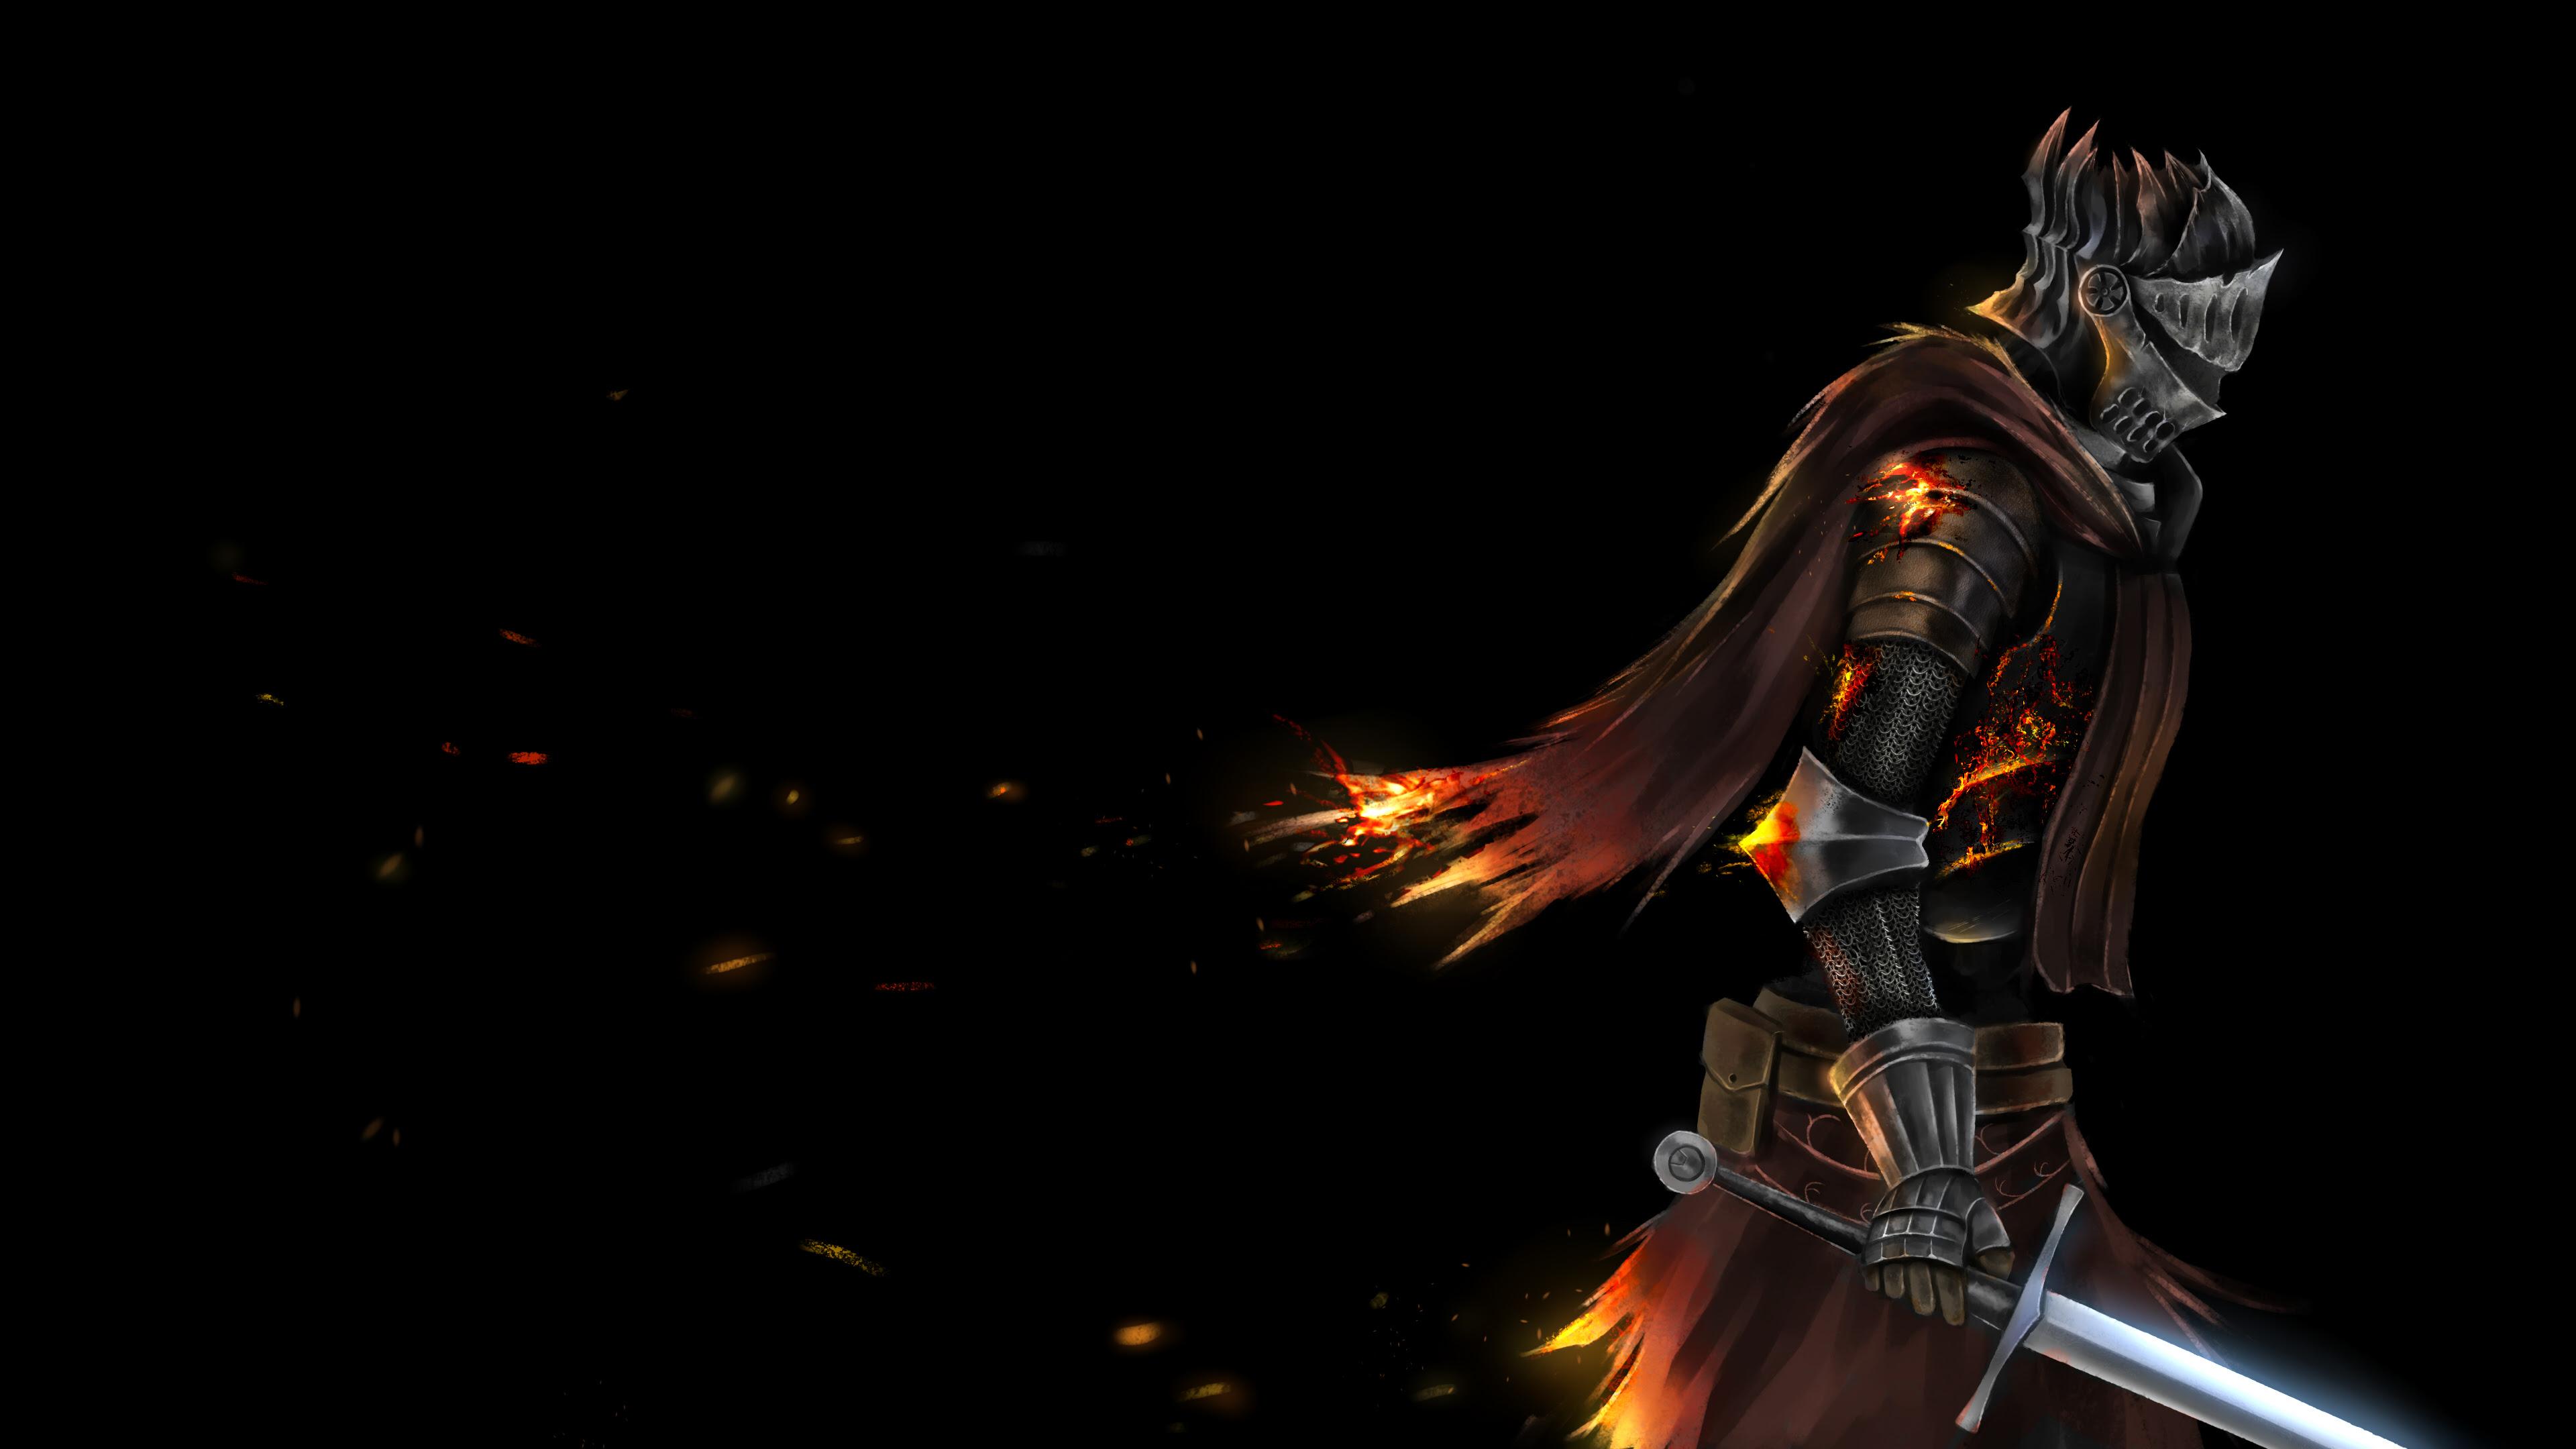 Dark Souls 3 Hd Phone Wallpaper Kid Wallpaper